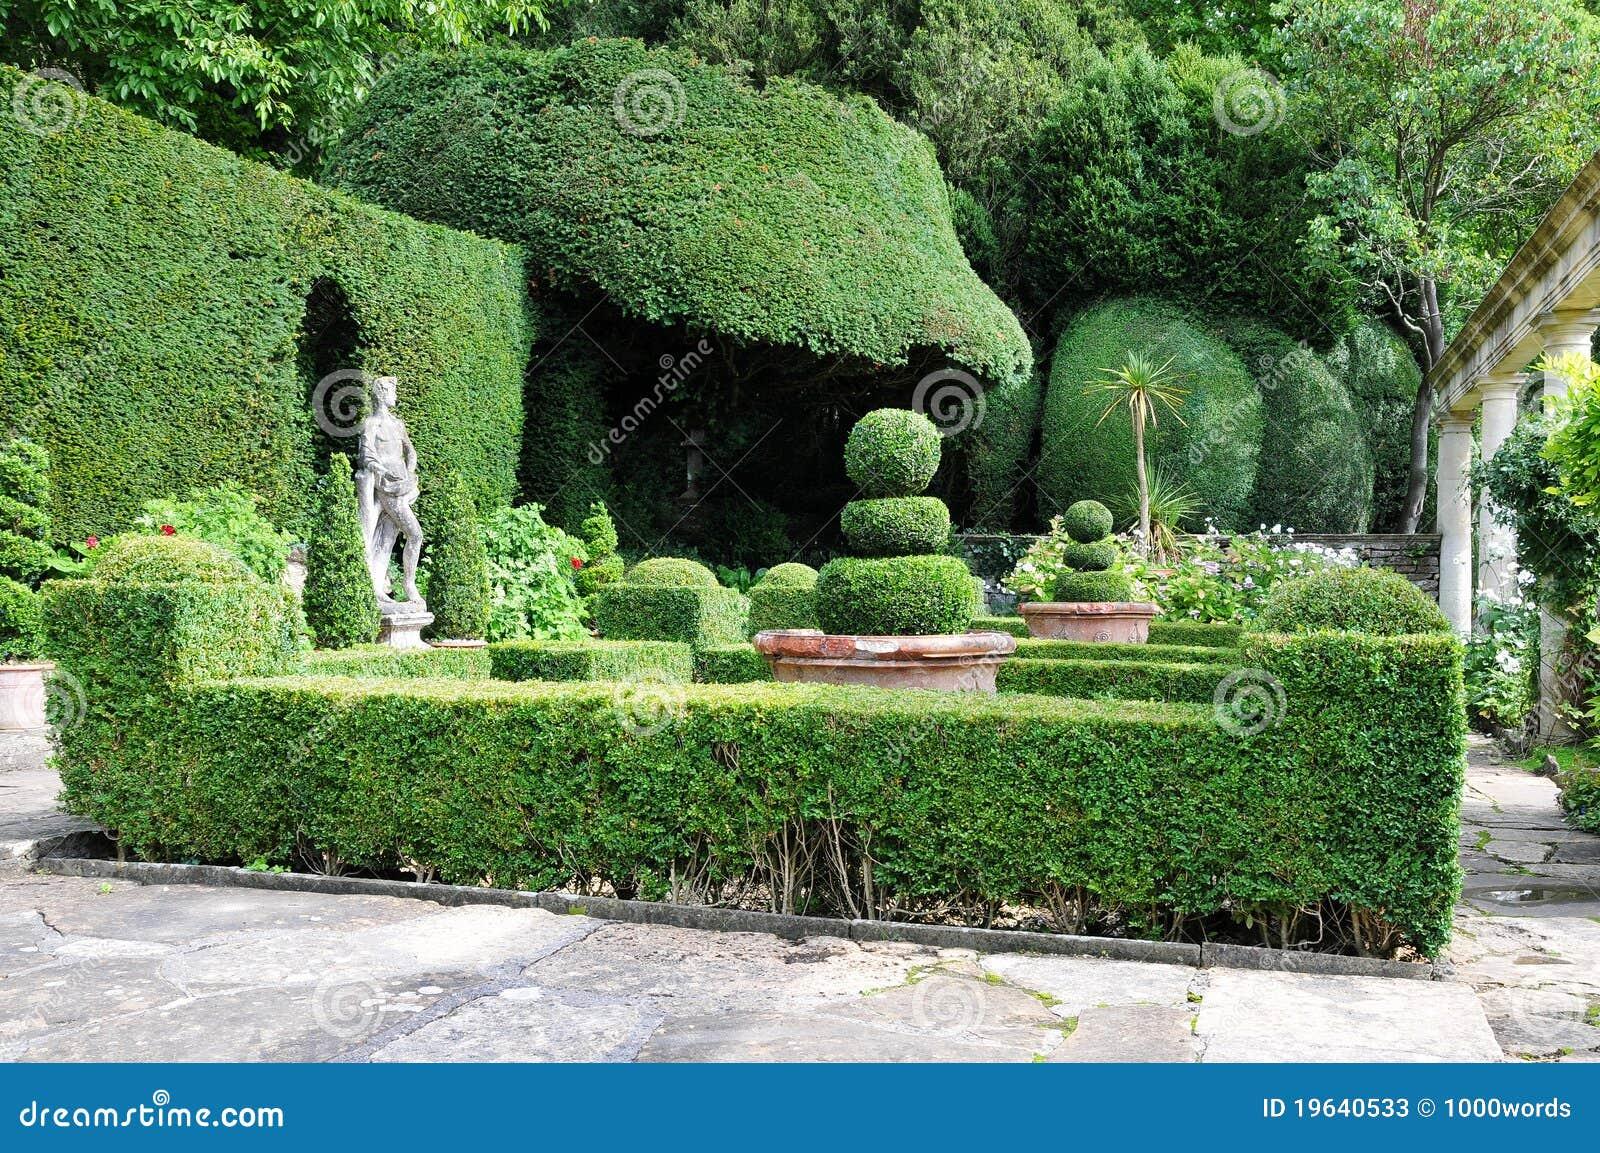 Topiary In A Formal Garden Stock Photos Image 19640533